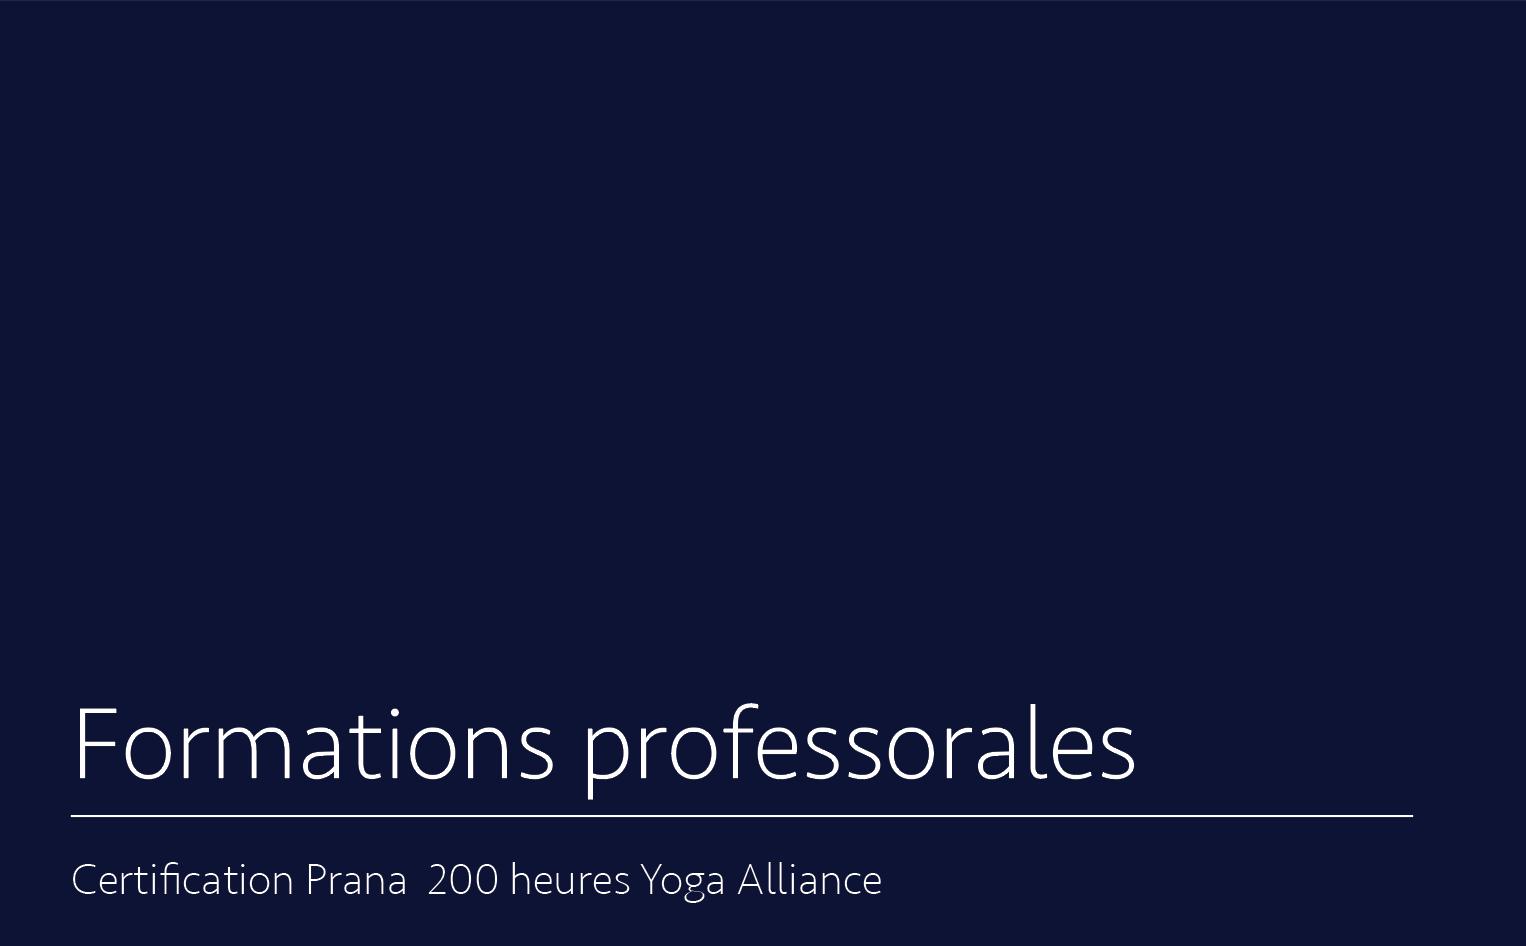 Certifications par cumul ou certification 200 heures - Pour explorer / pratiquer la voie de transmission de la pratique du yoga